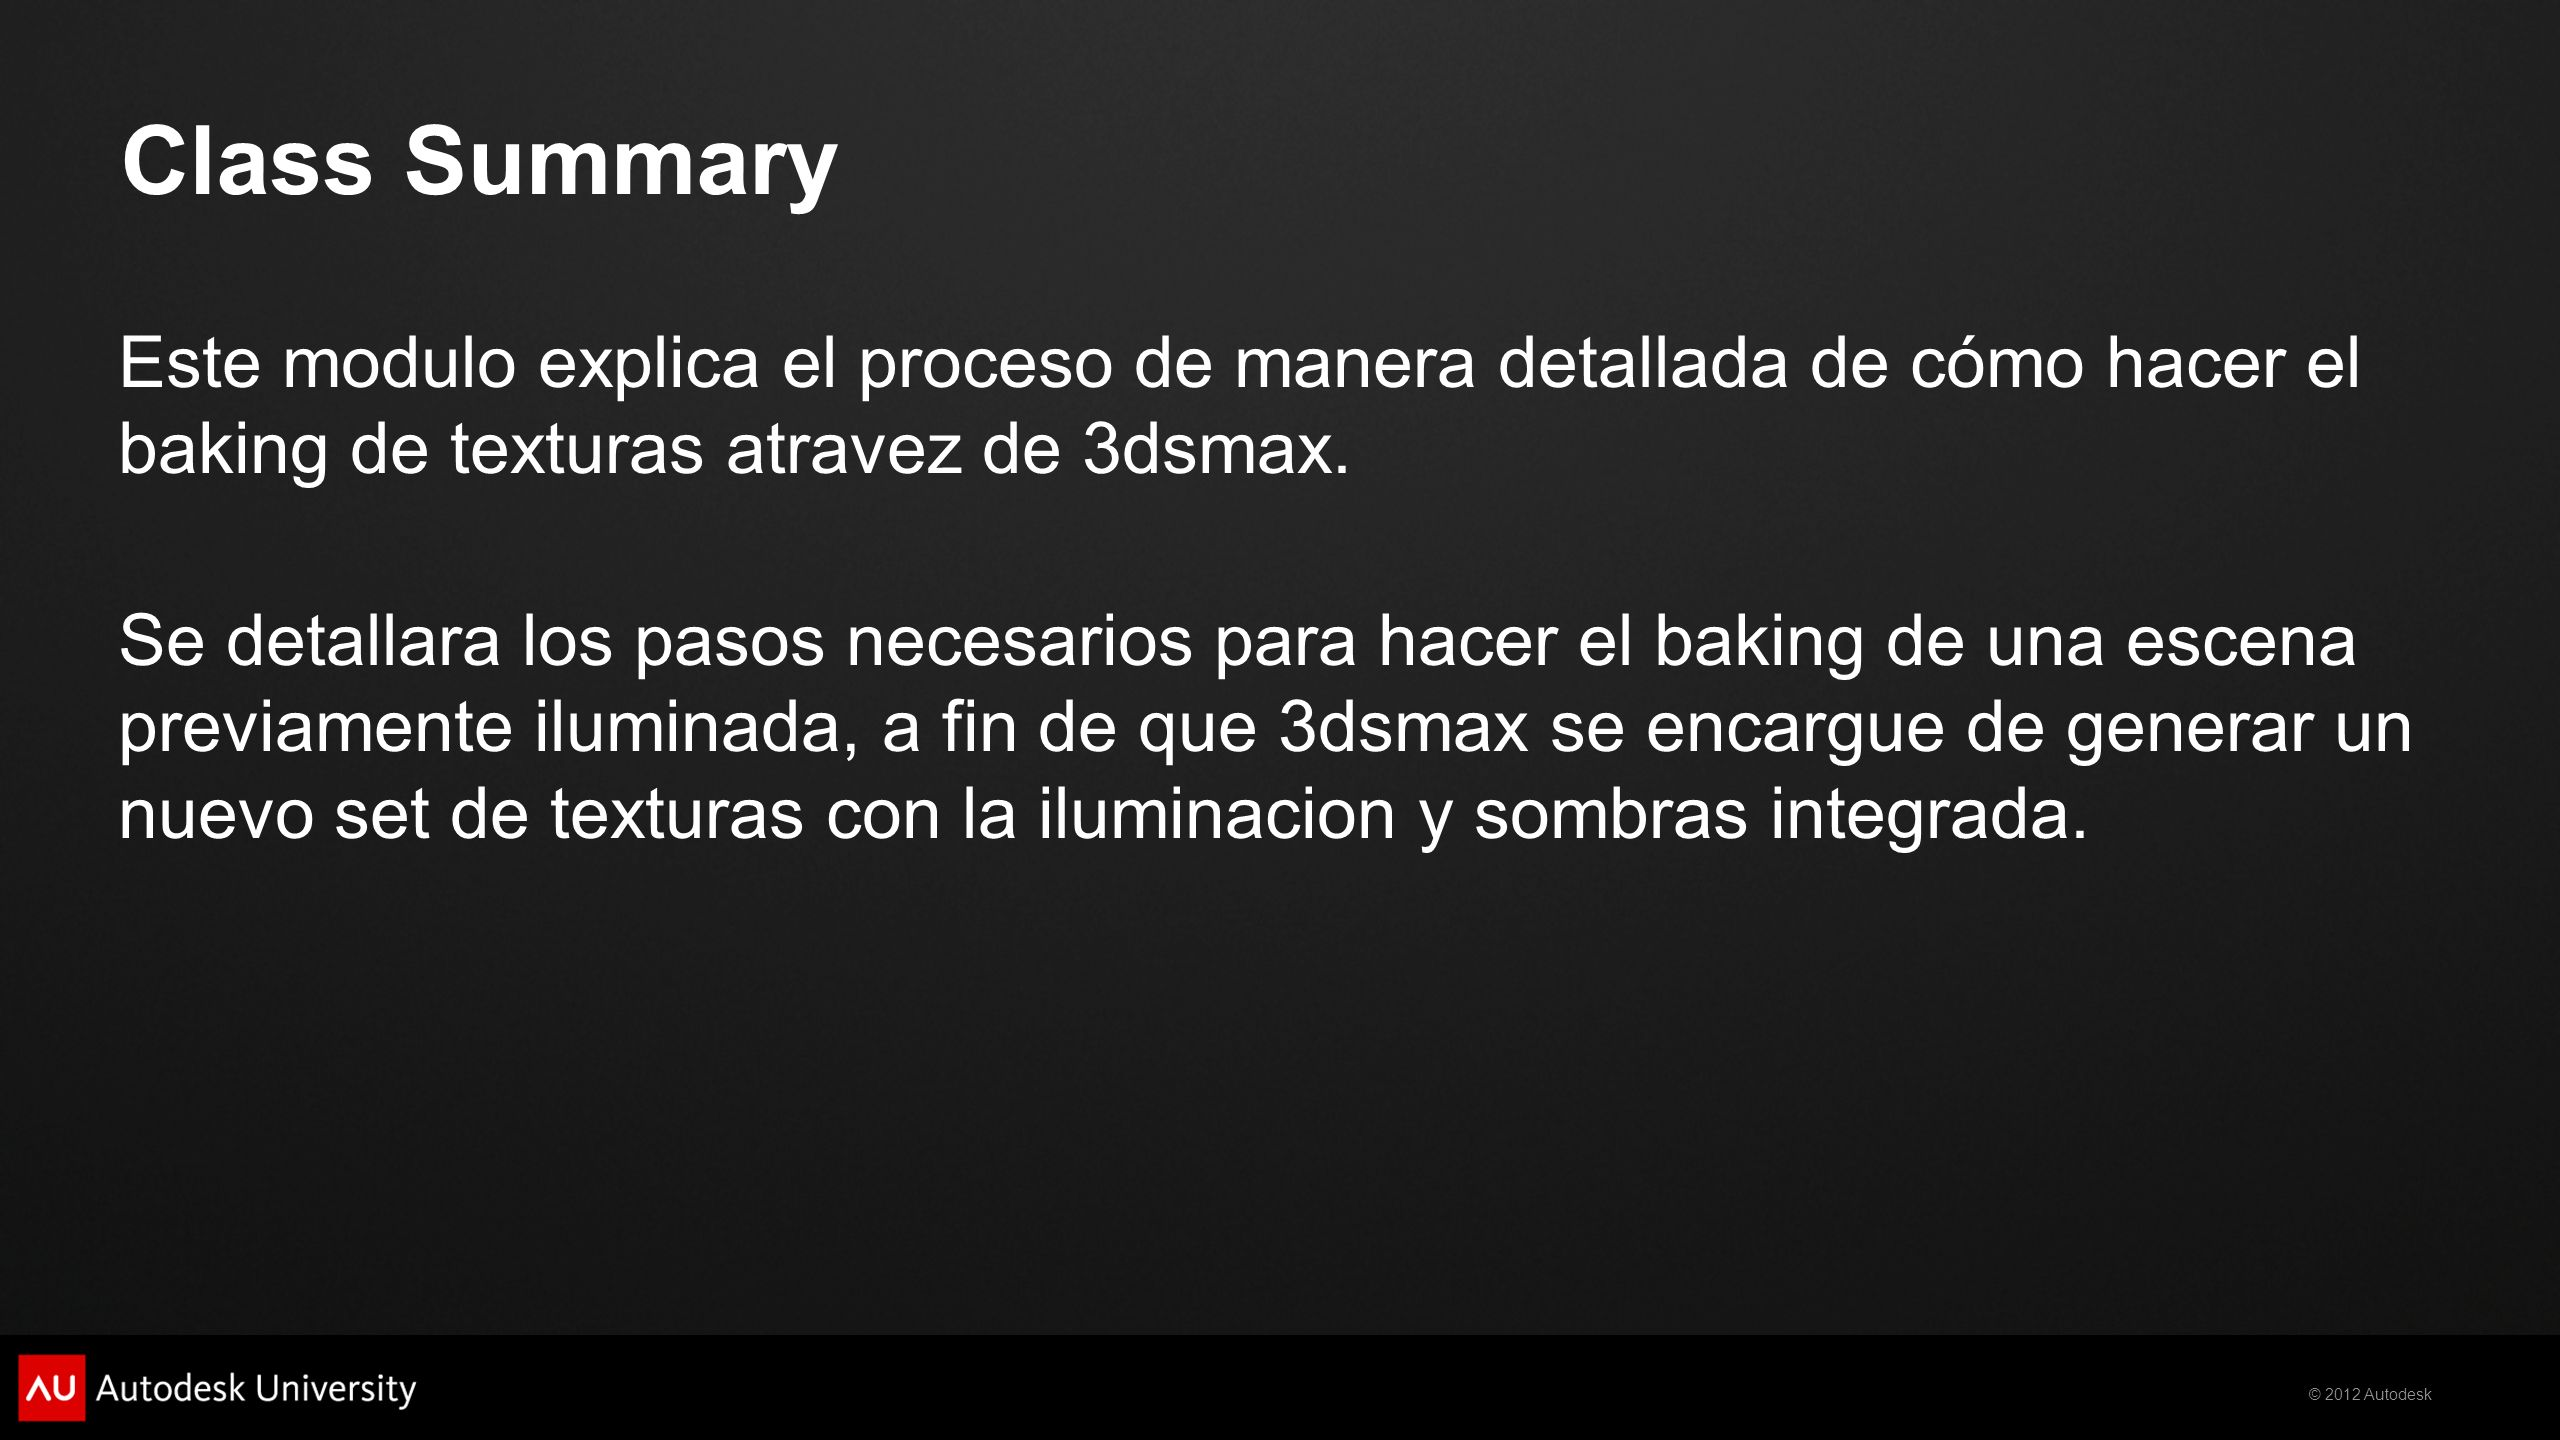 Class SummaryEste modulo explica el proceso de manera detallada de cómo hacer el baking de texturas atravez de 3dsmax.